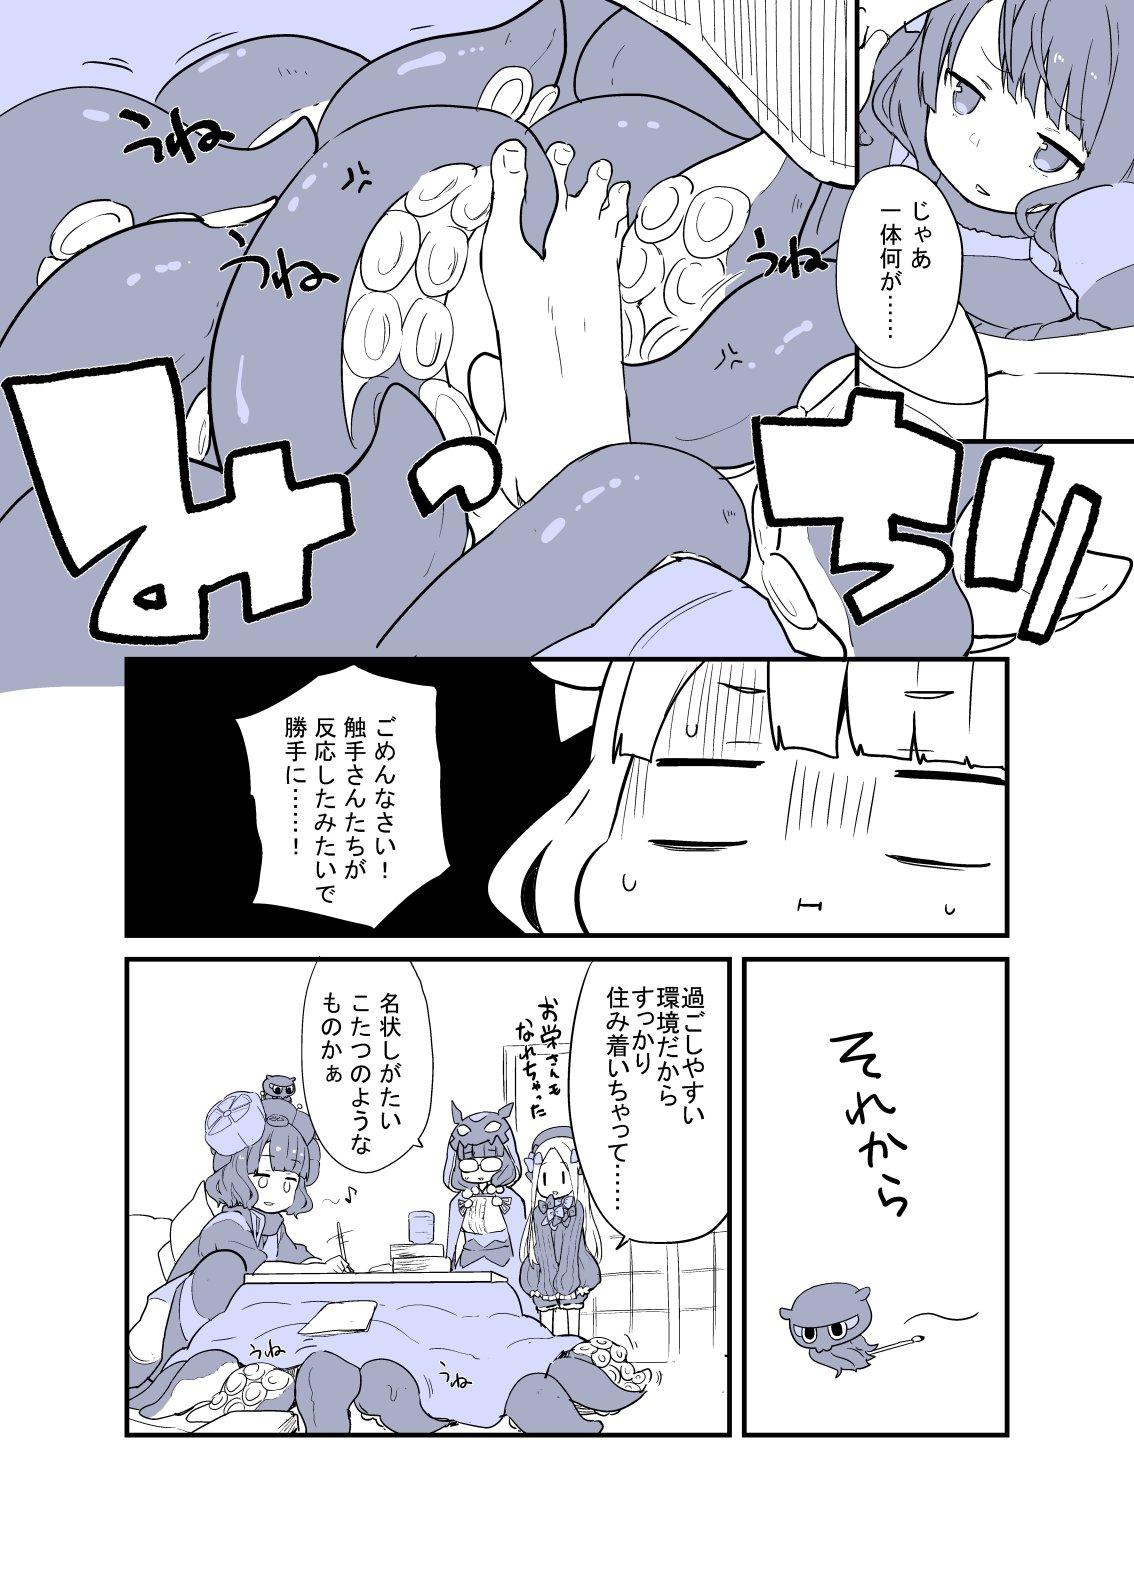 Doujinshi: exemples par mes acquisitions Du79UC9UYAAjXck